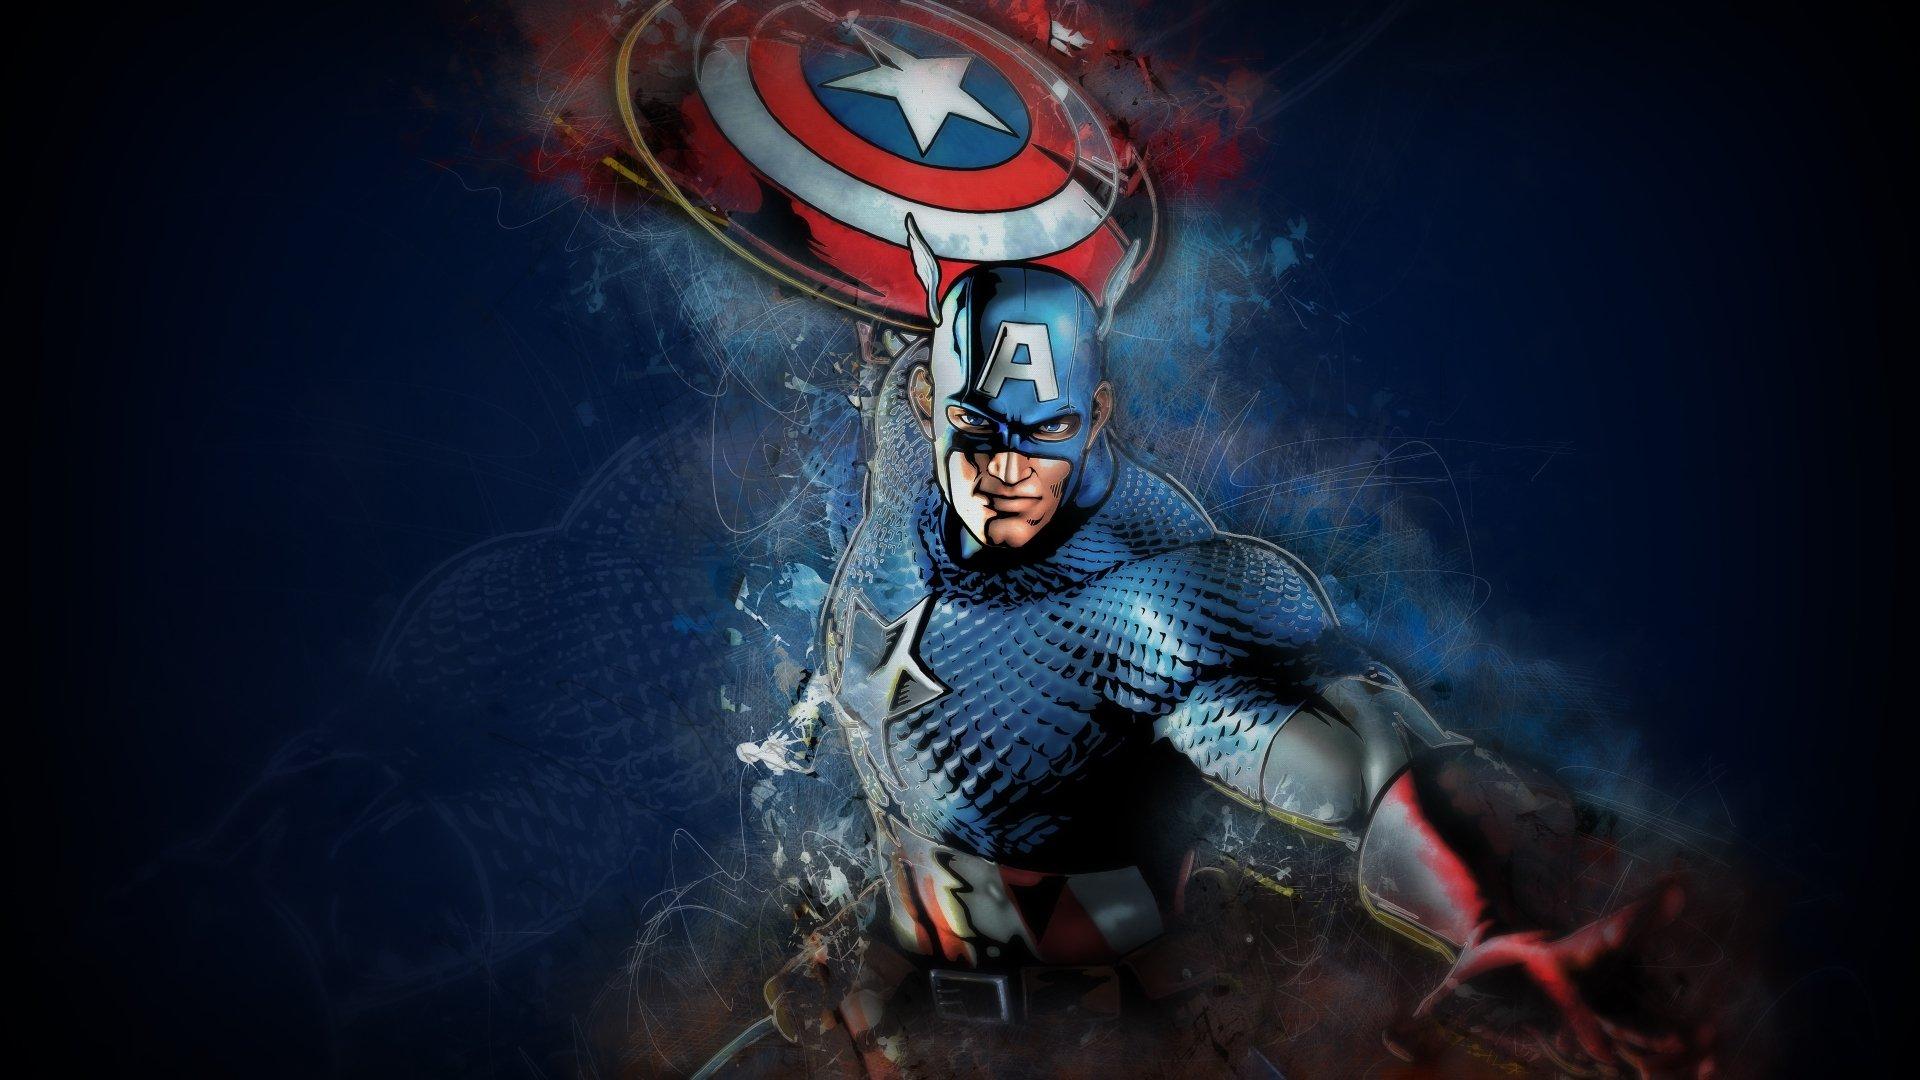 Marvel Hd Wallpaper For Macos